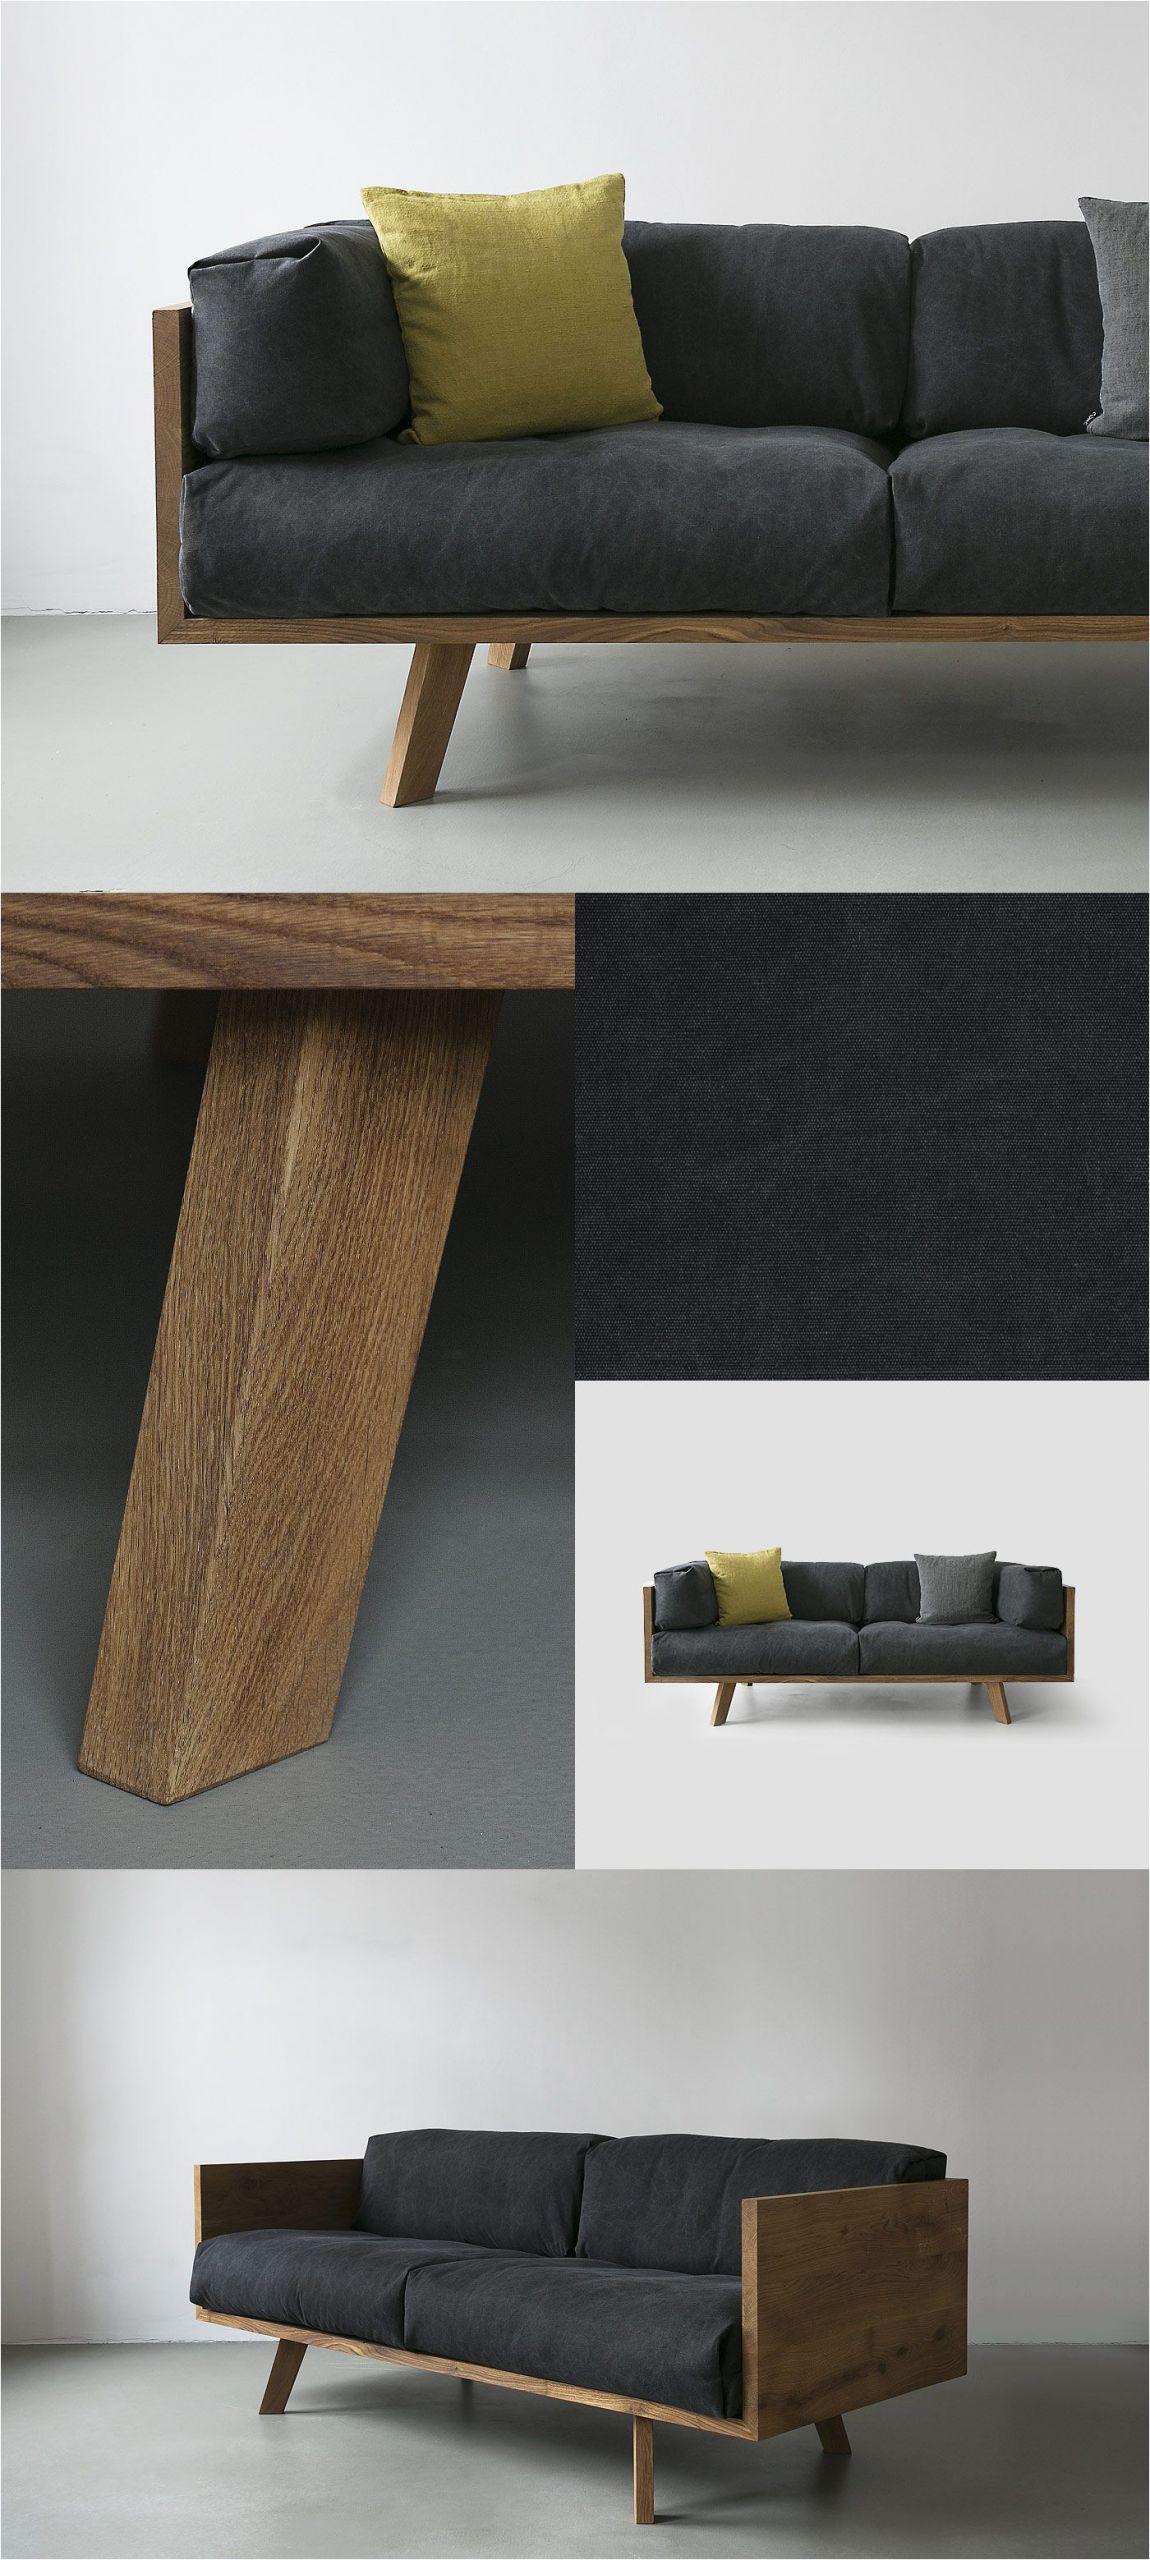 Old sofa Design Diy Furniture I Möbel Selber Bauen I Couch sofa Daybed I